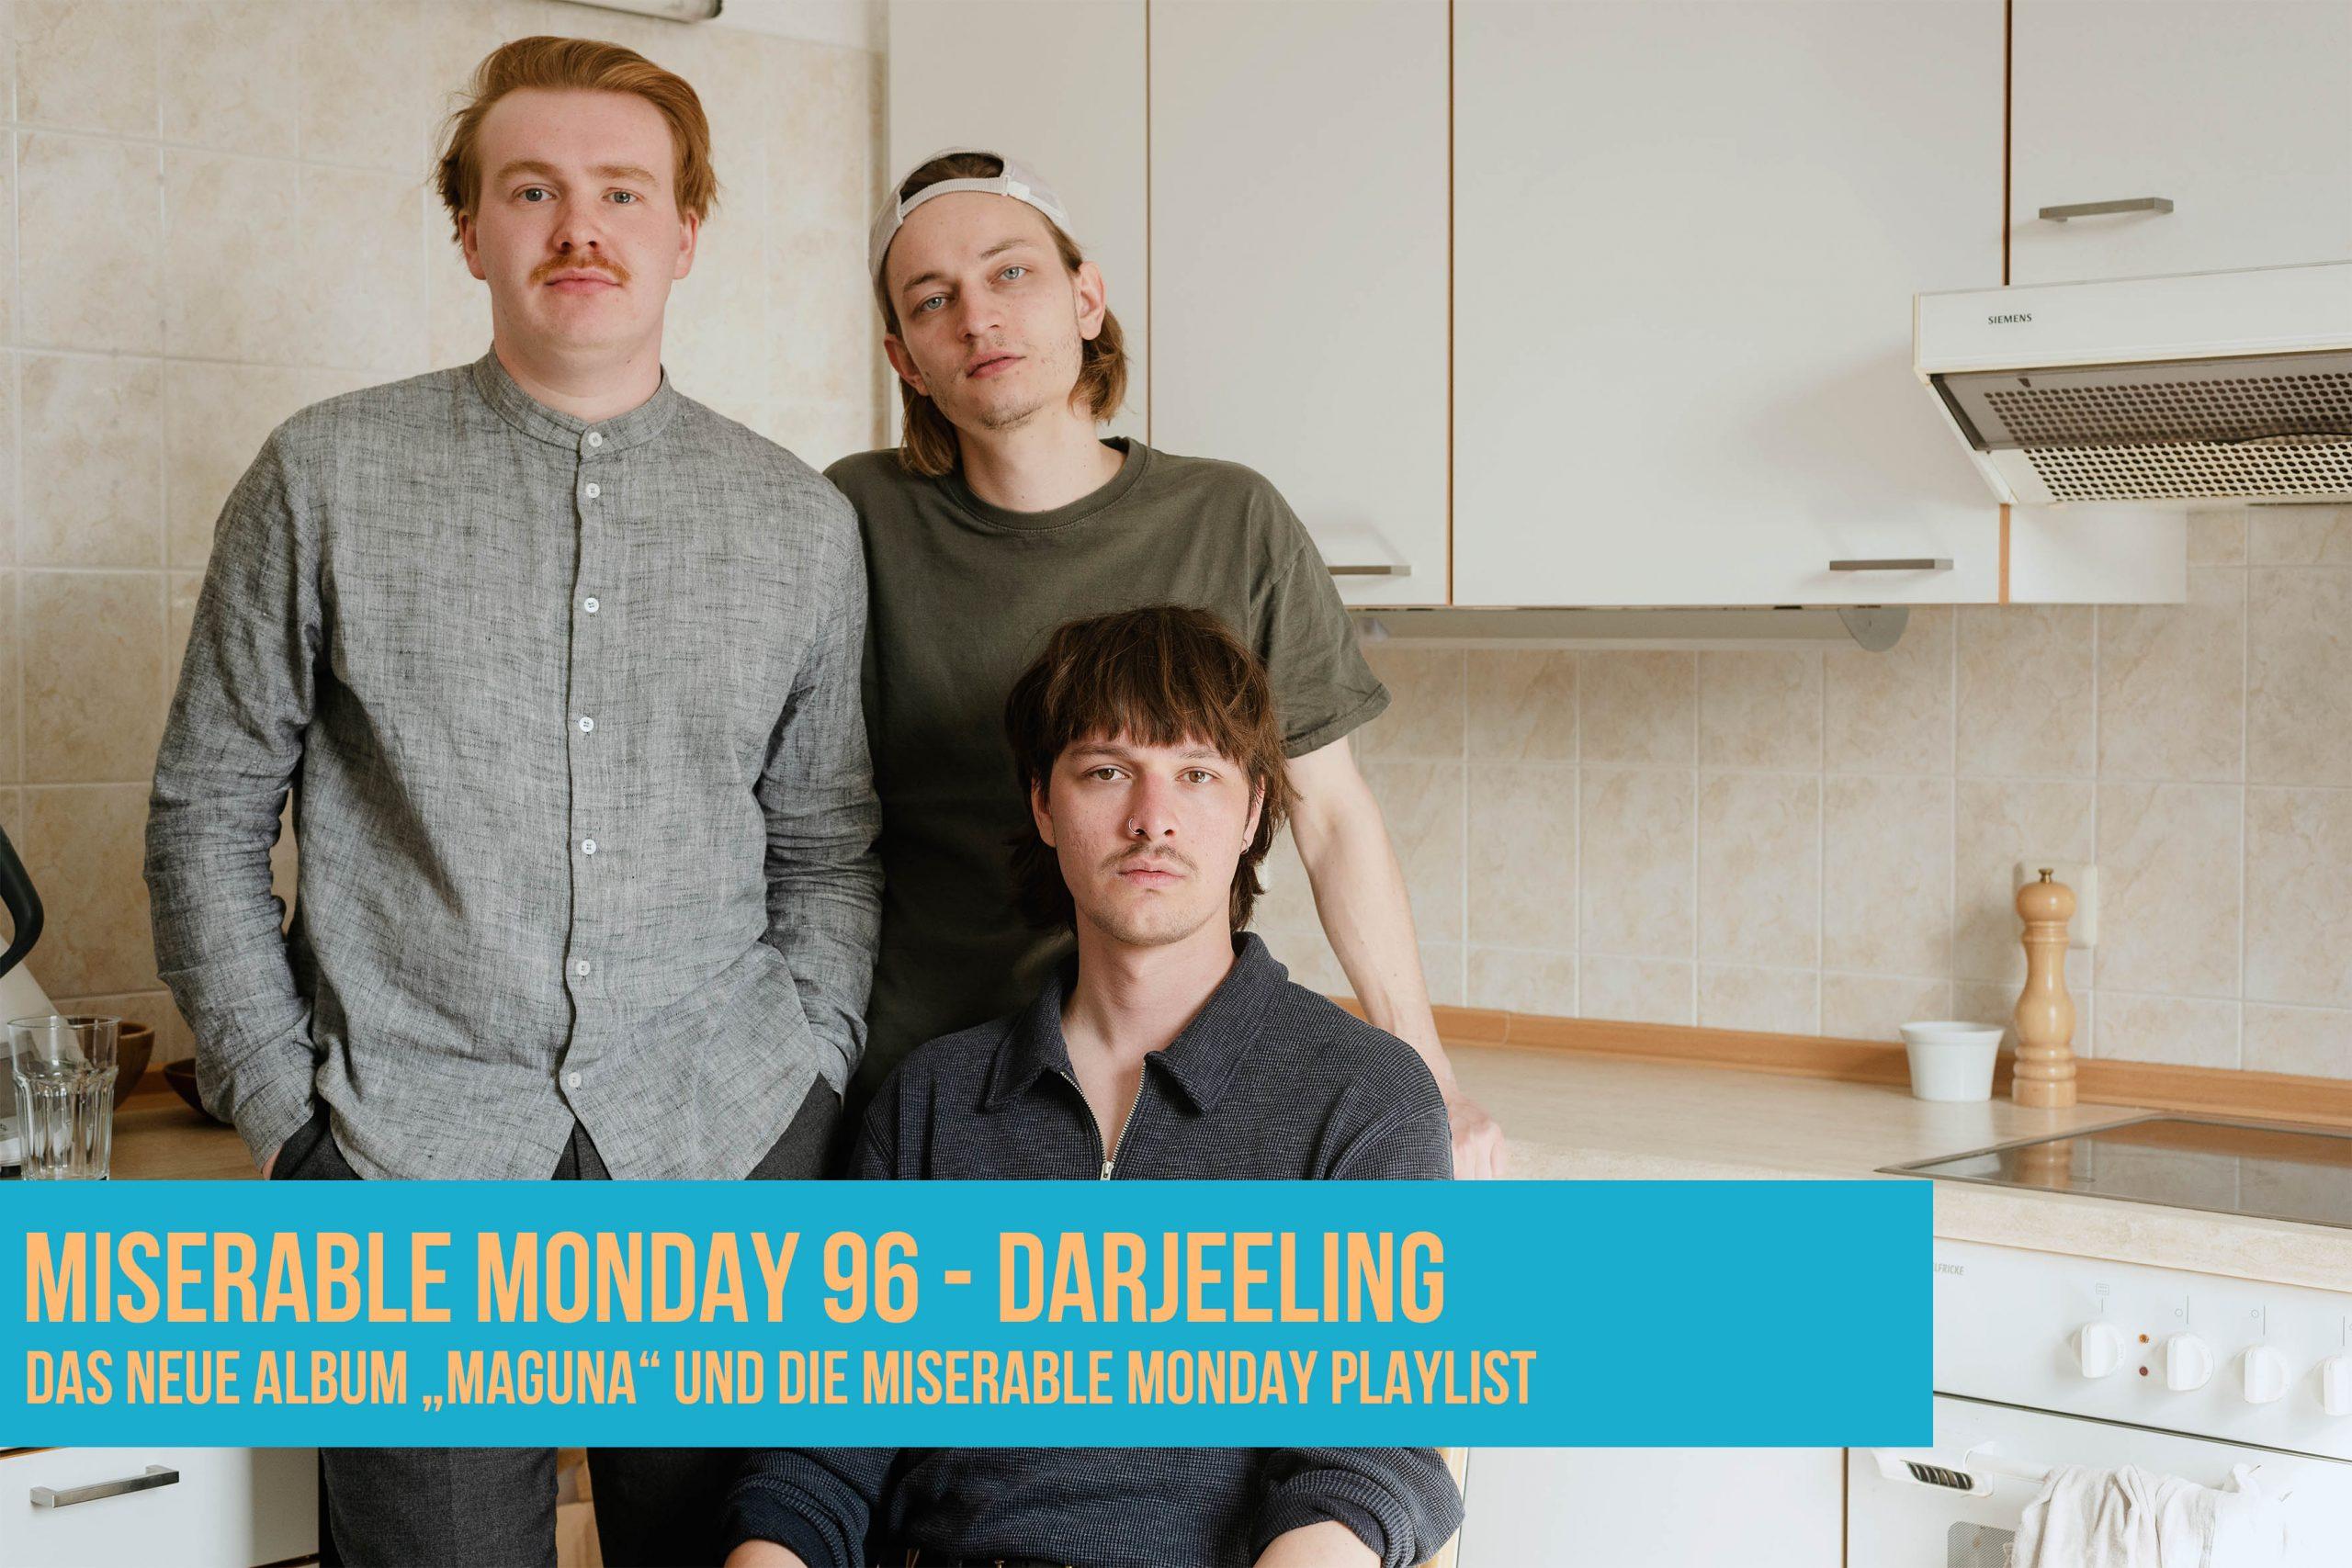 96 - Darjeeling